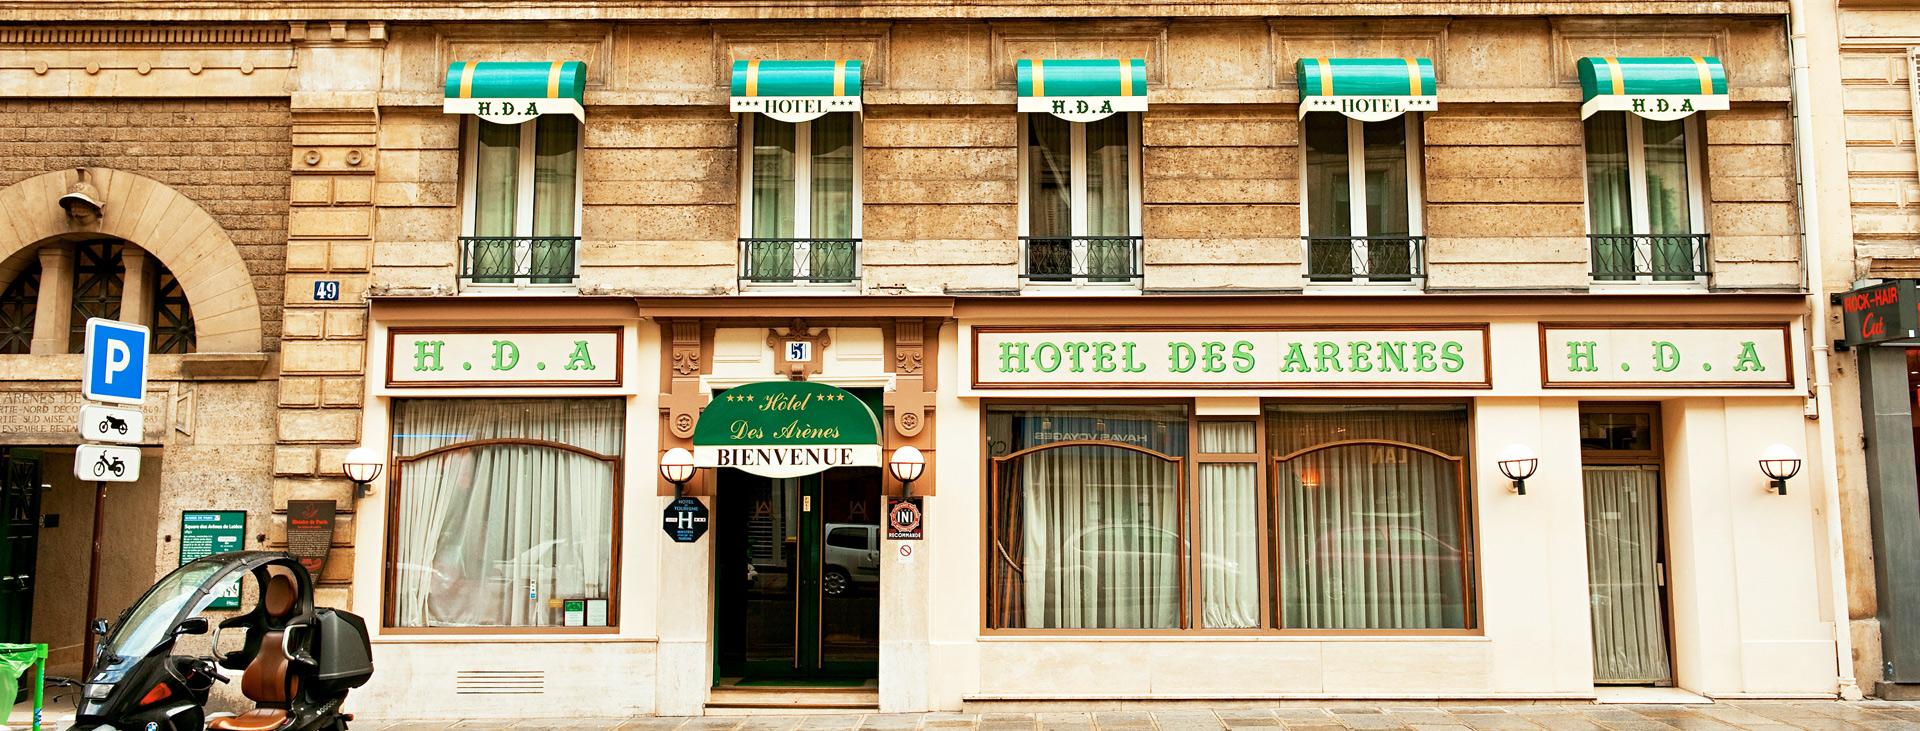 Des Arenes, Pariisi, Pariisin alue, Ranska